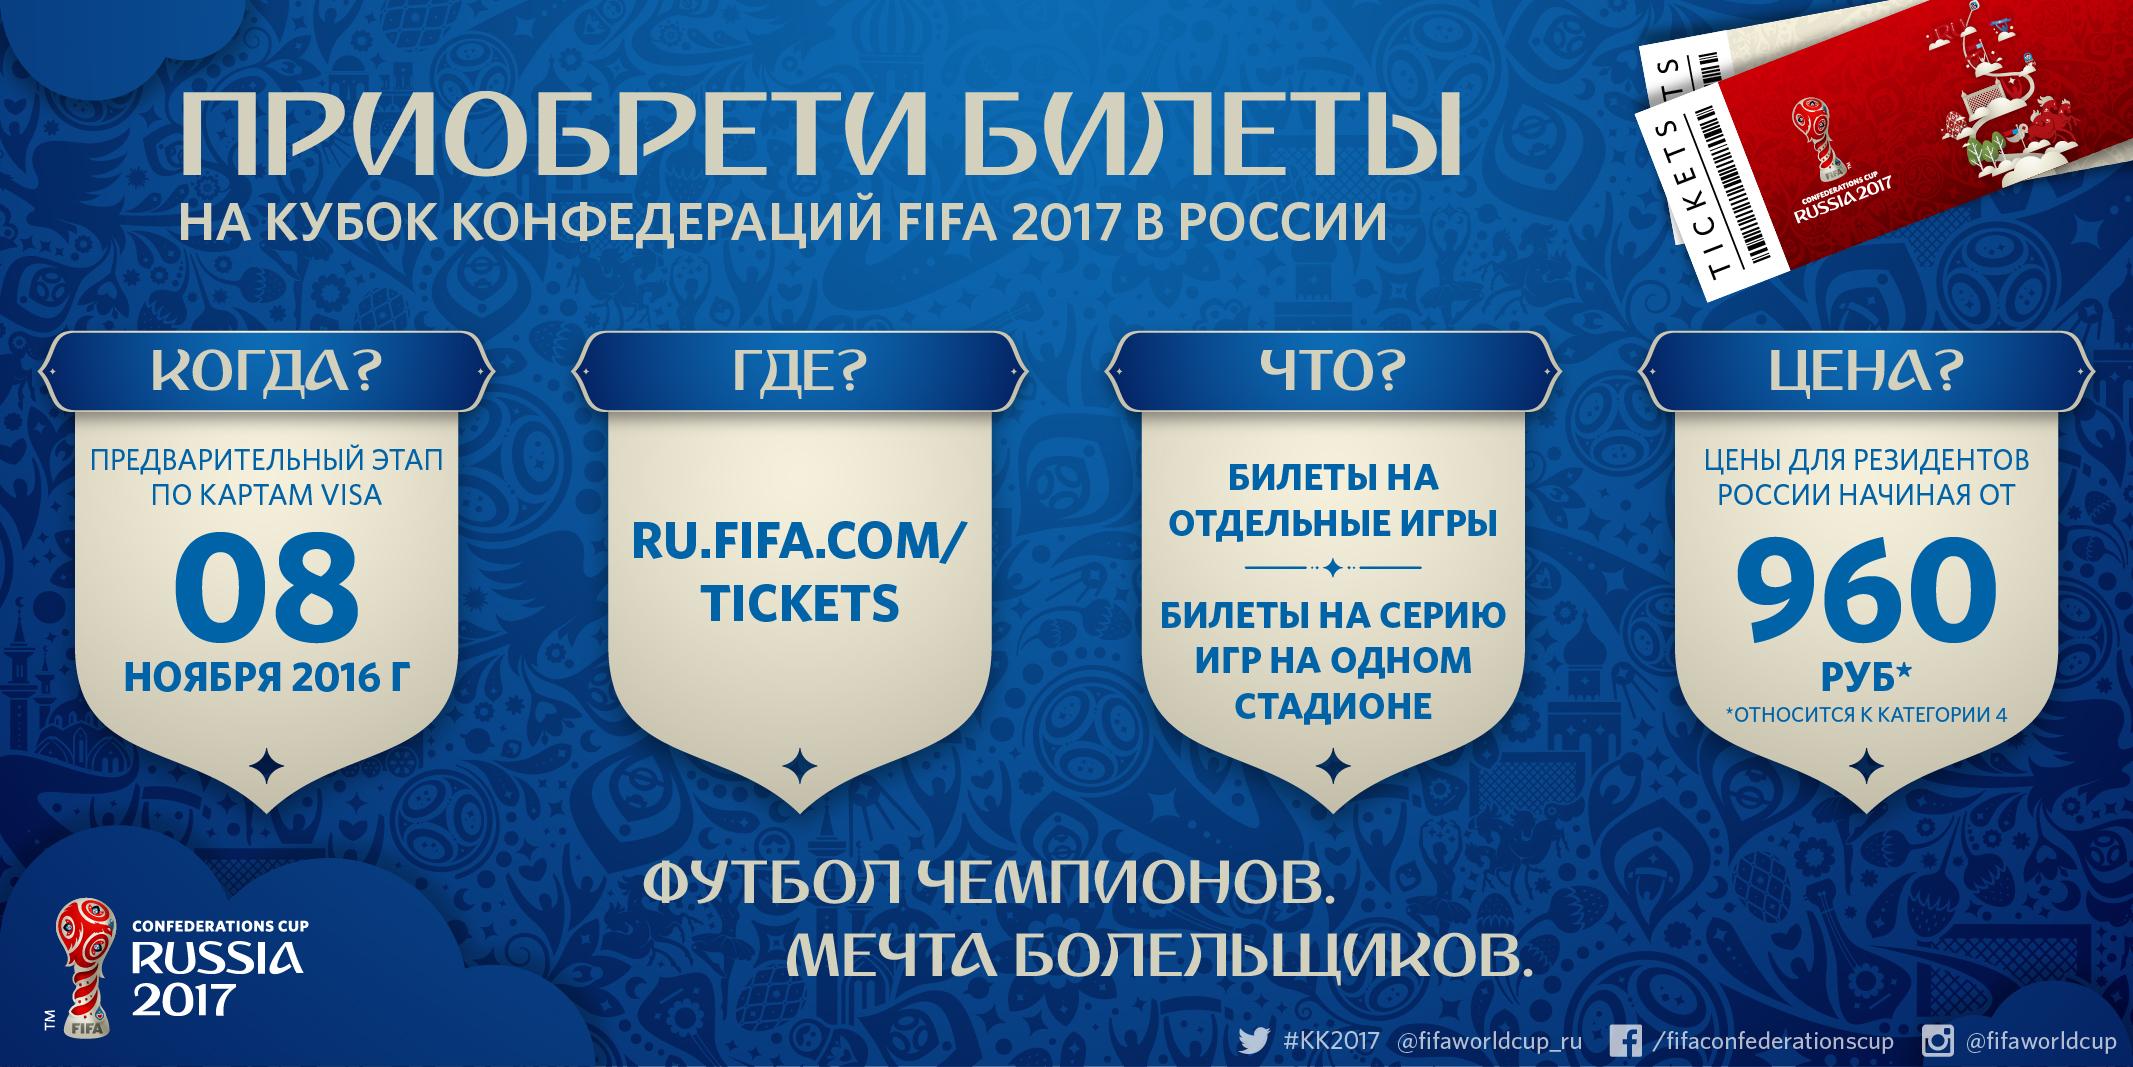 Тверской цирк заказ билетов на сайте